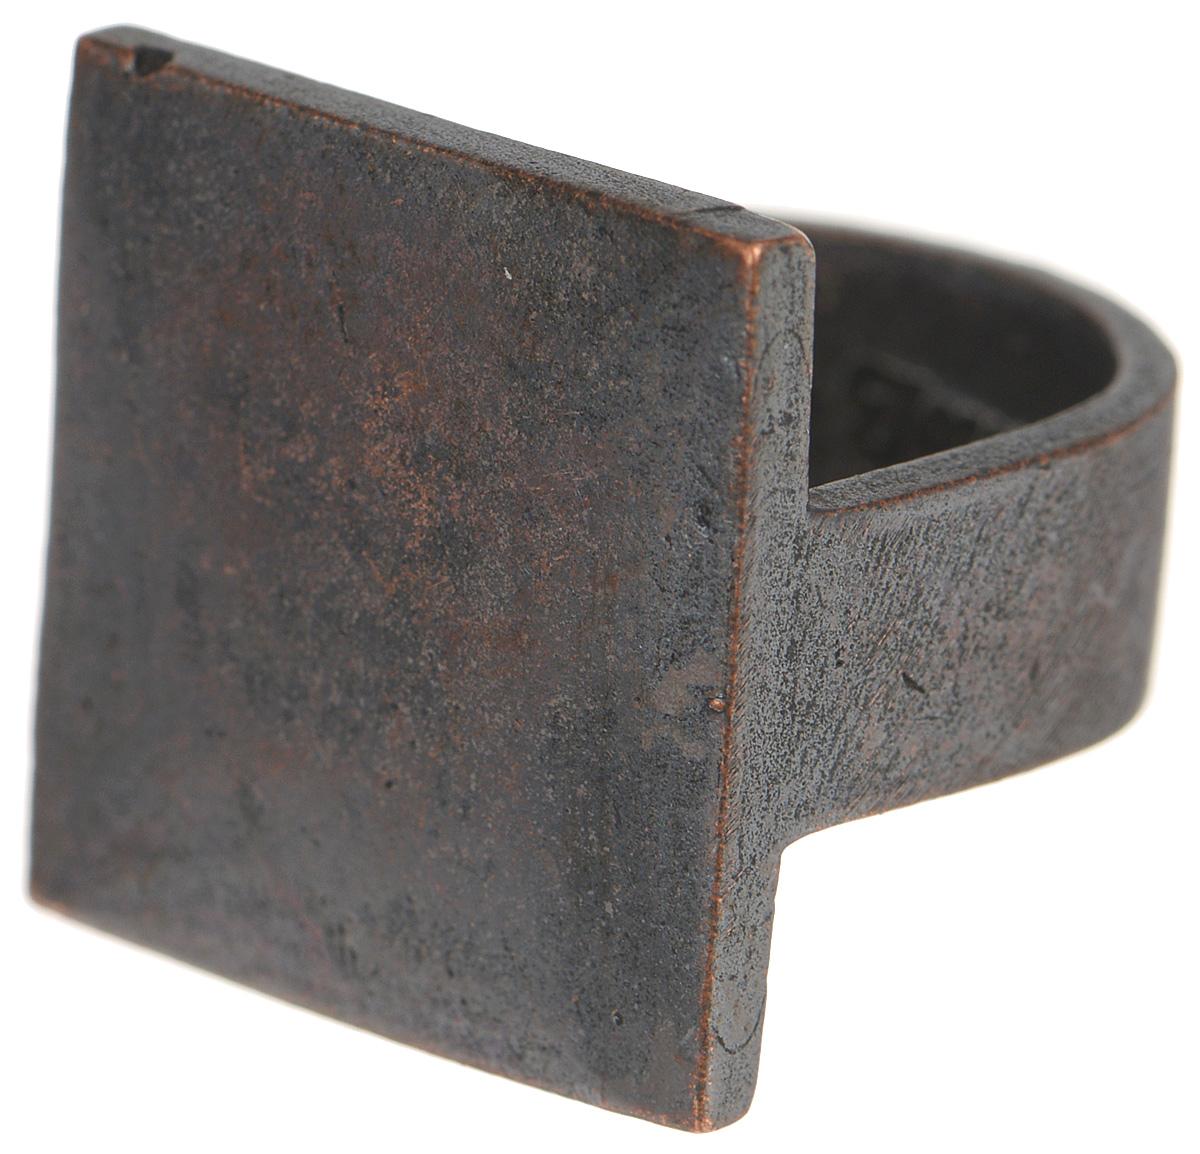 Кольцо Jenavi Mona. Хото, цвет: медный. k480c090. Размер 18k480c090Оригинальное кольцо от Jenavi Mona. Хото изготовлено из качественного металла с покрытием из оксида меди. Декоративная часть изделия выполнена в форме квадрата. Кольцо дополнено тисненой надписью с названием бренда на внутренней стороне. Такое кольцо сделает ваш образ интересным и подчеркнет вашу индивидуальность.